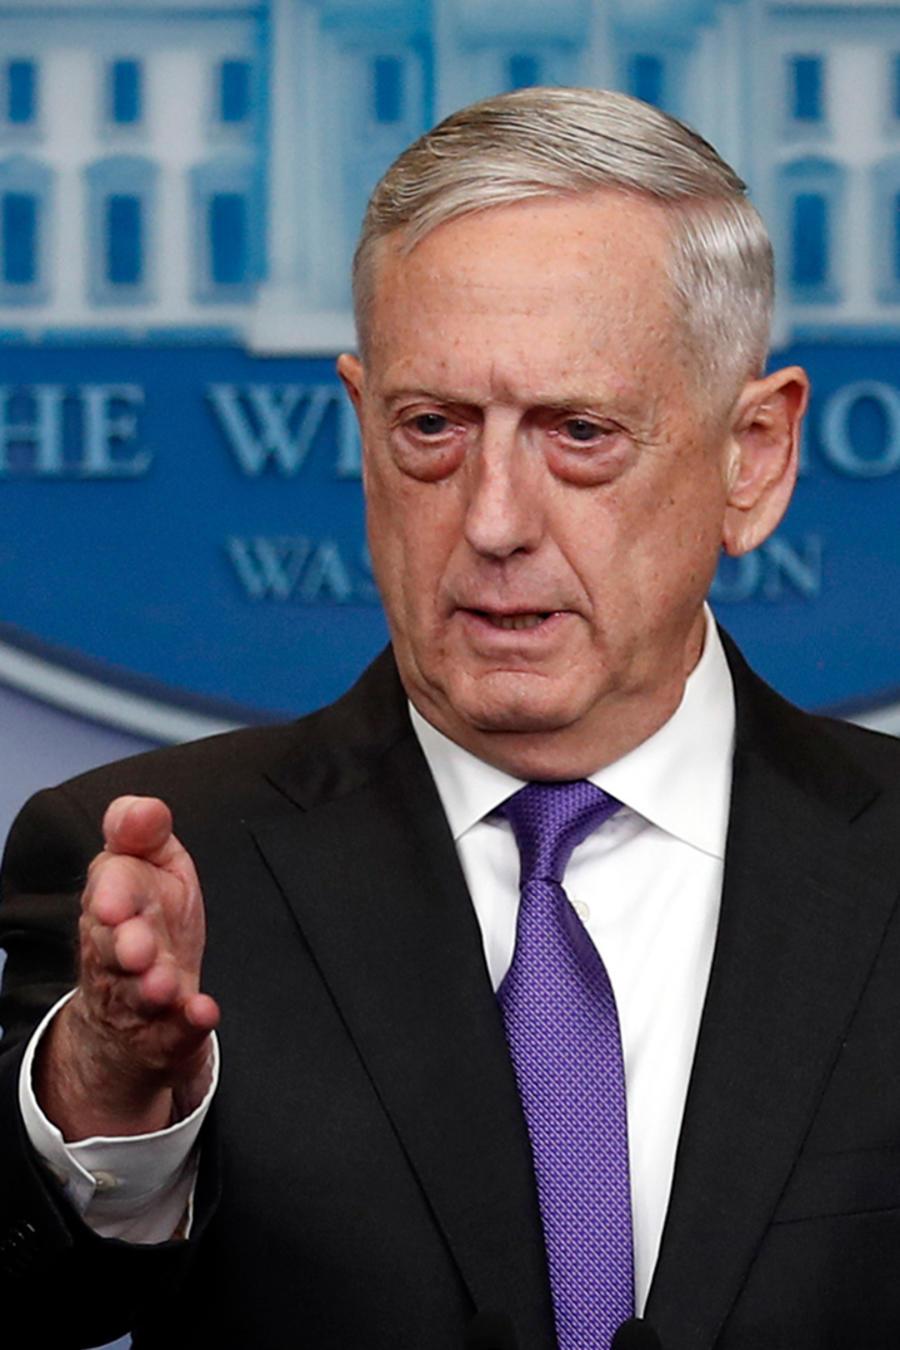 El secretario de Defensa, James Mattis, en conferencia de prensa en la Casa Blanca el 7 de febrero de 2018